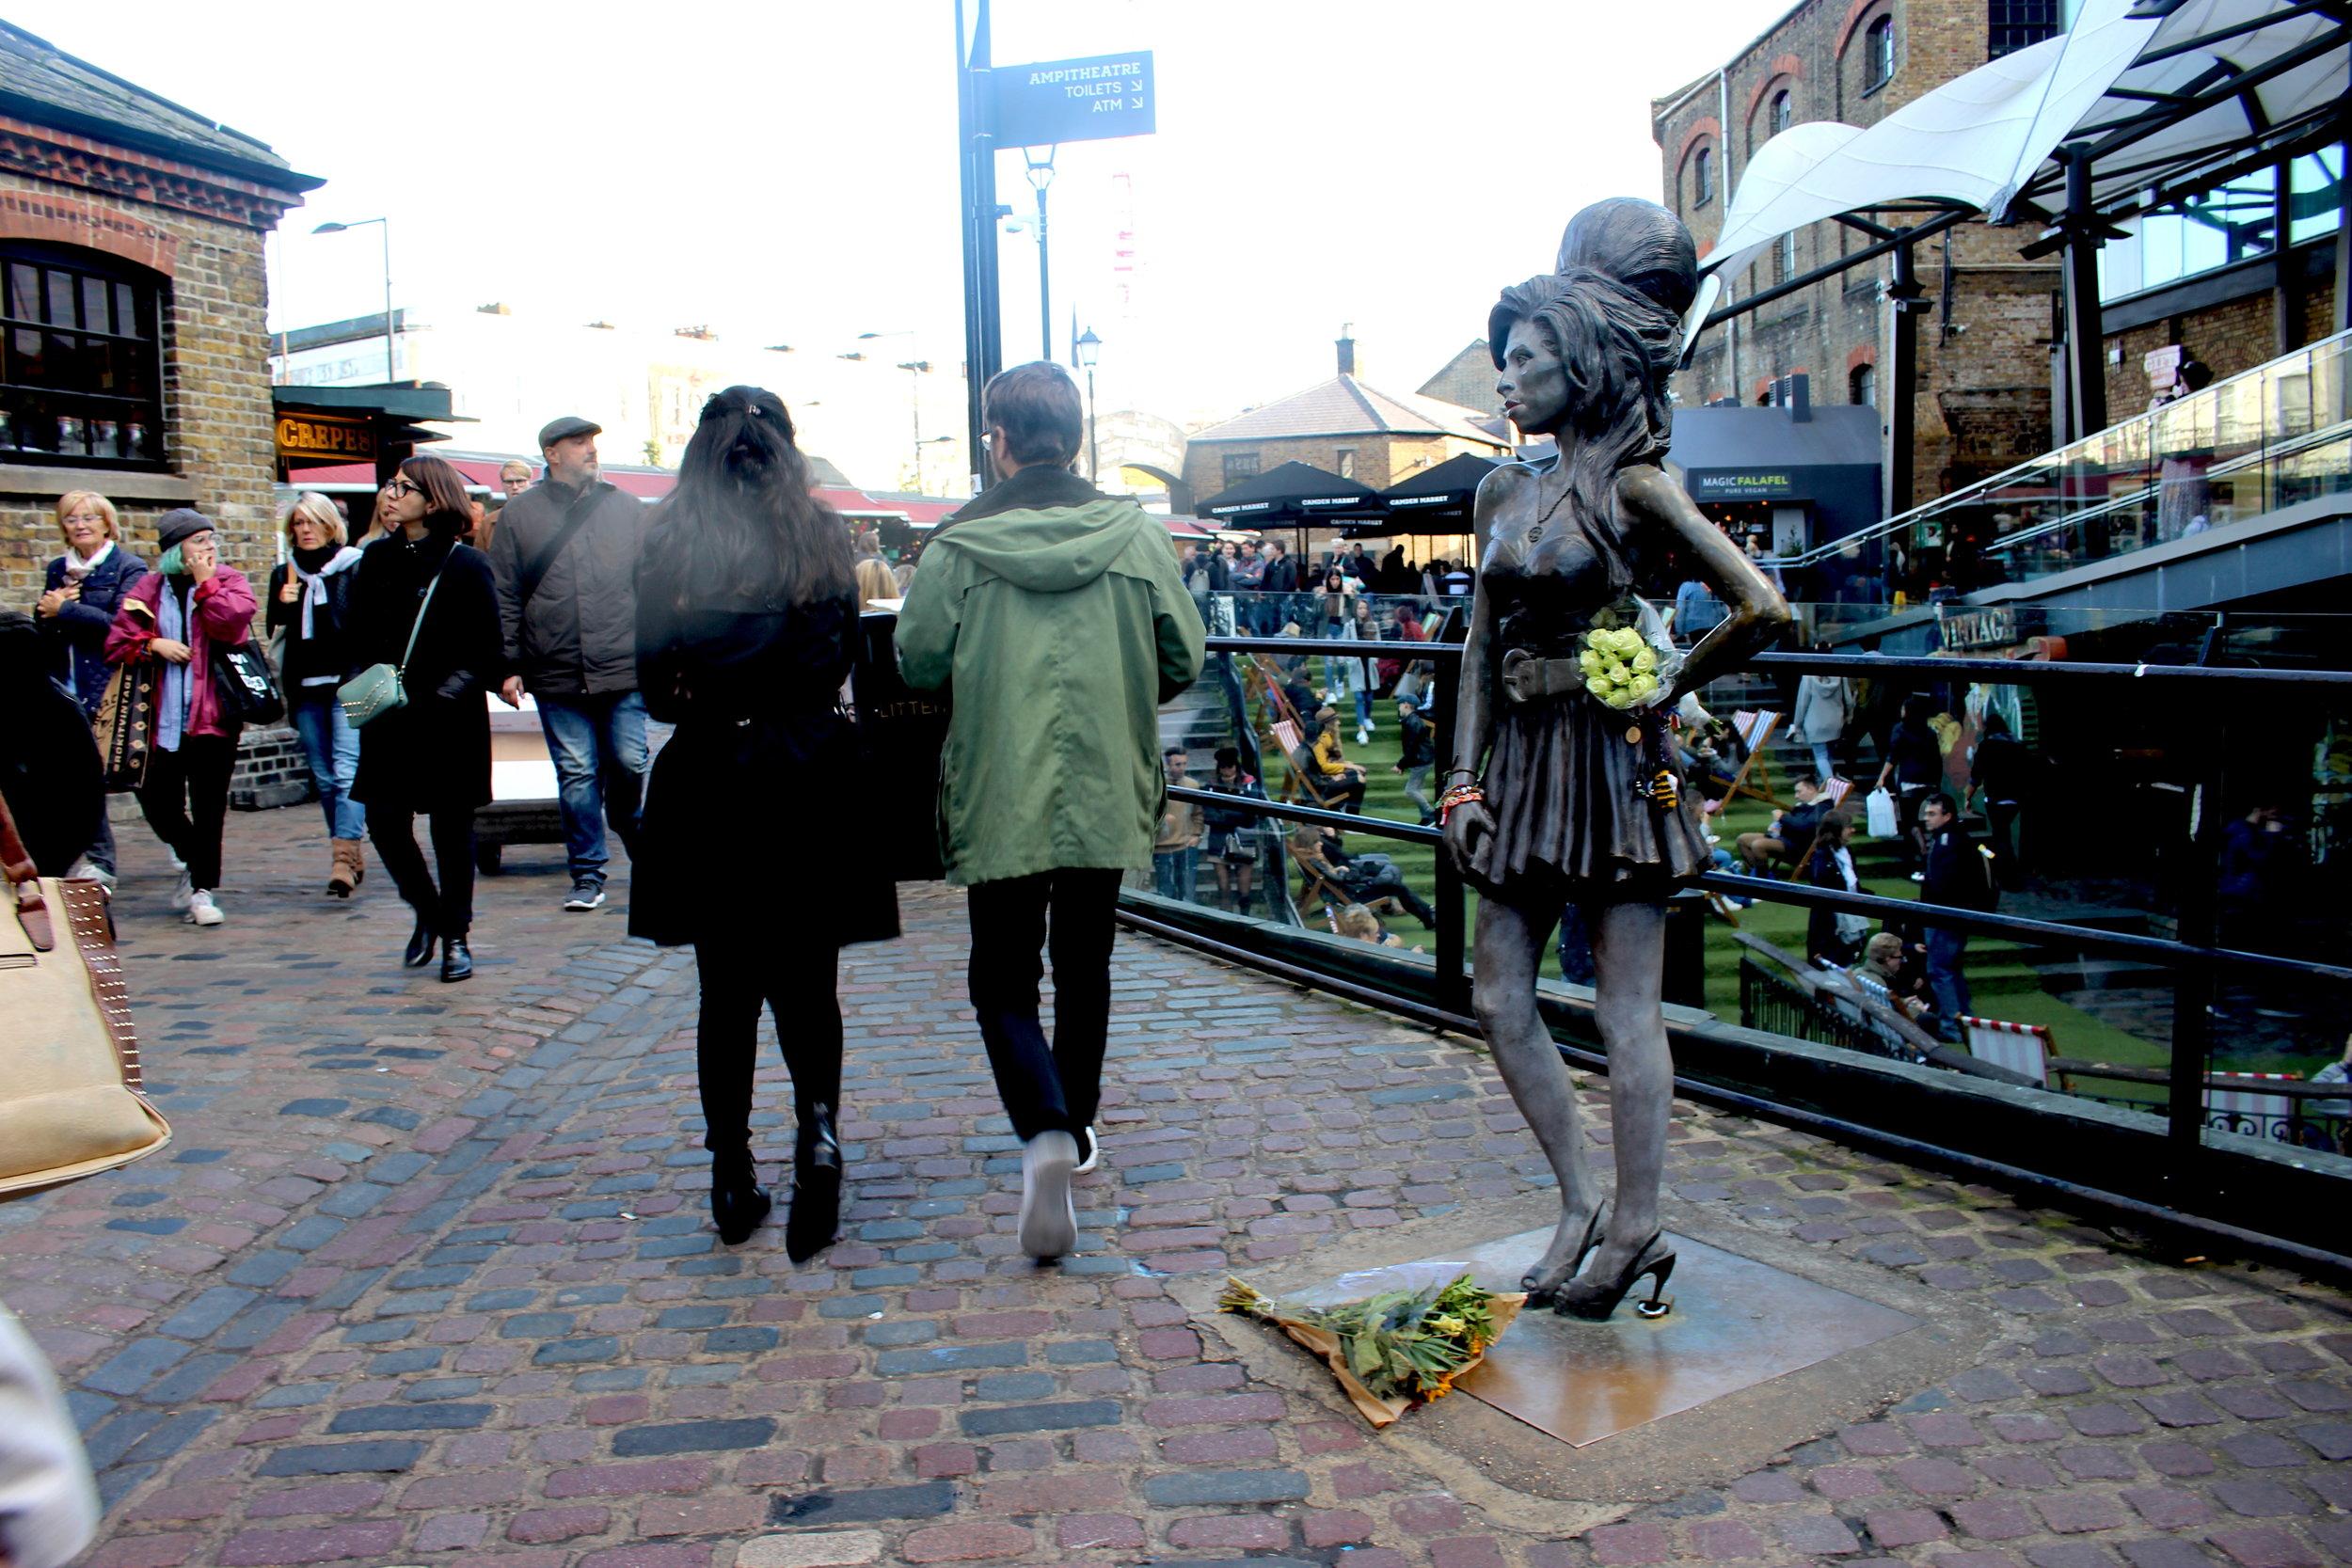 Amy Winehouse at Camden Market London, via BoastHouse